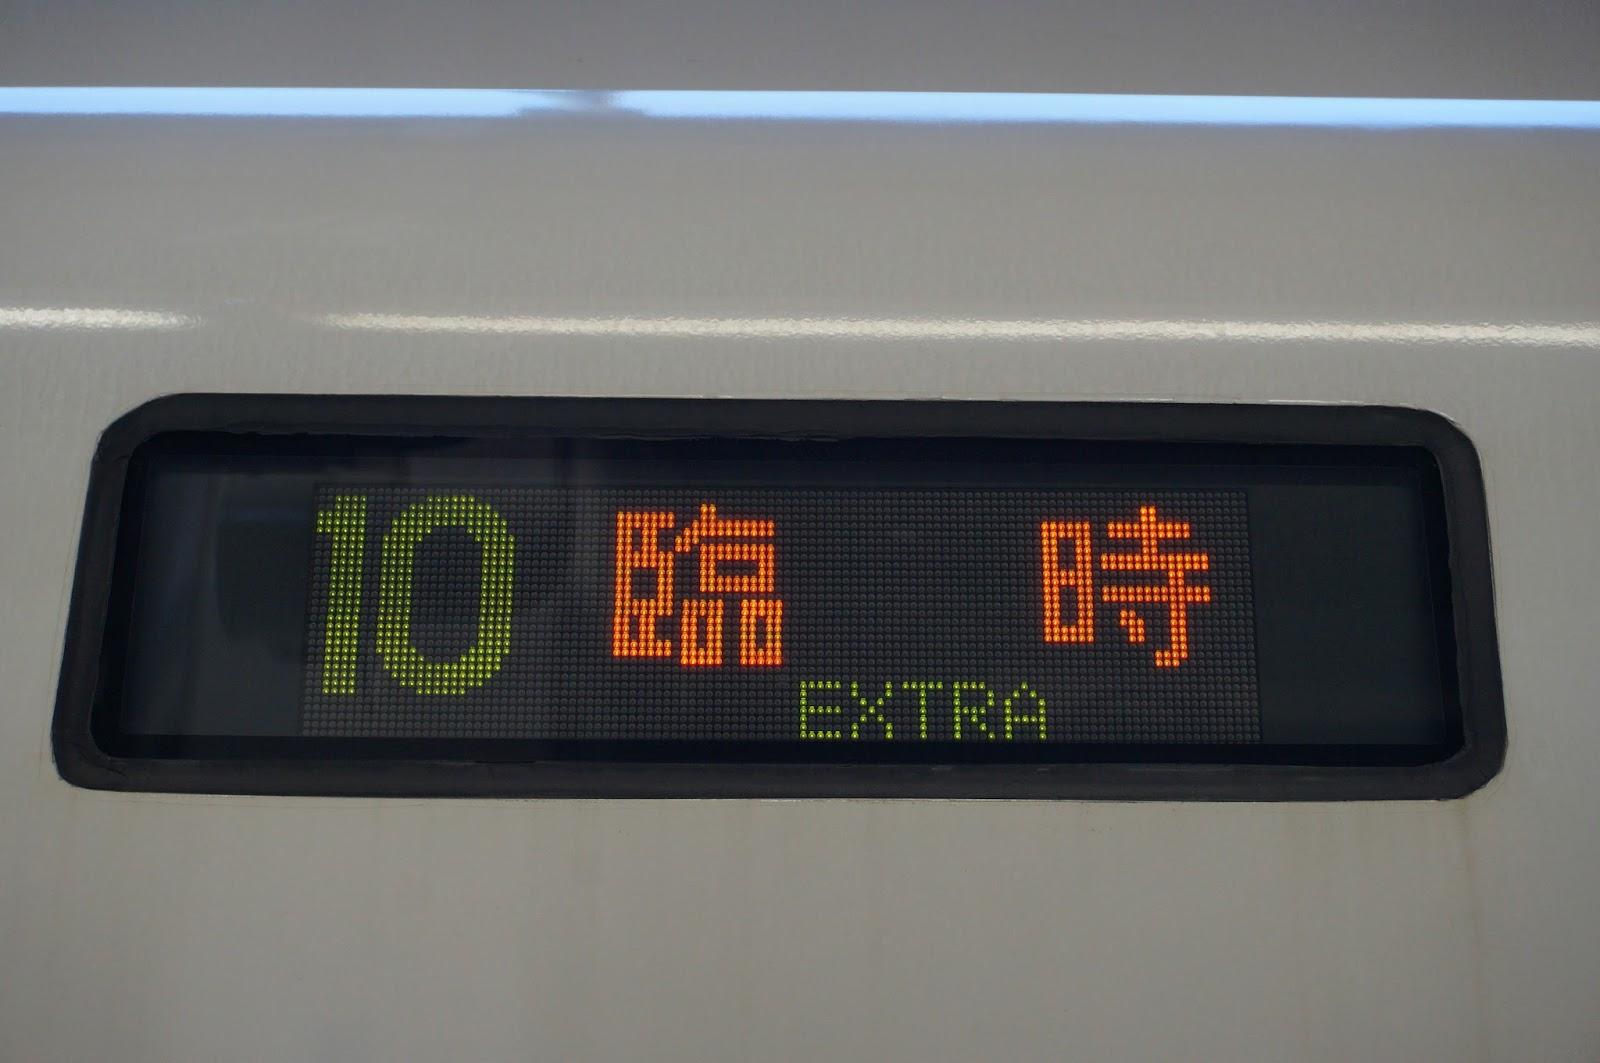 E257系行き先表示器